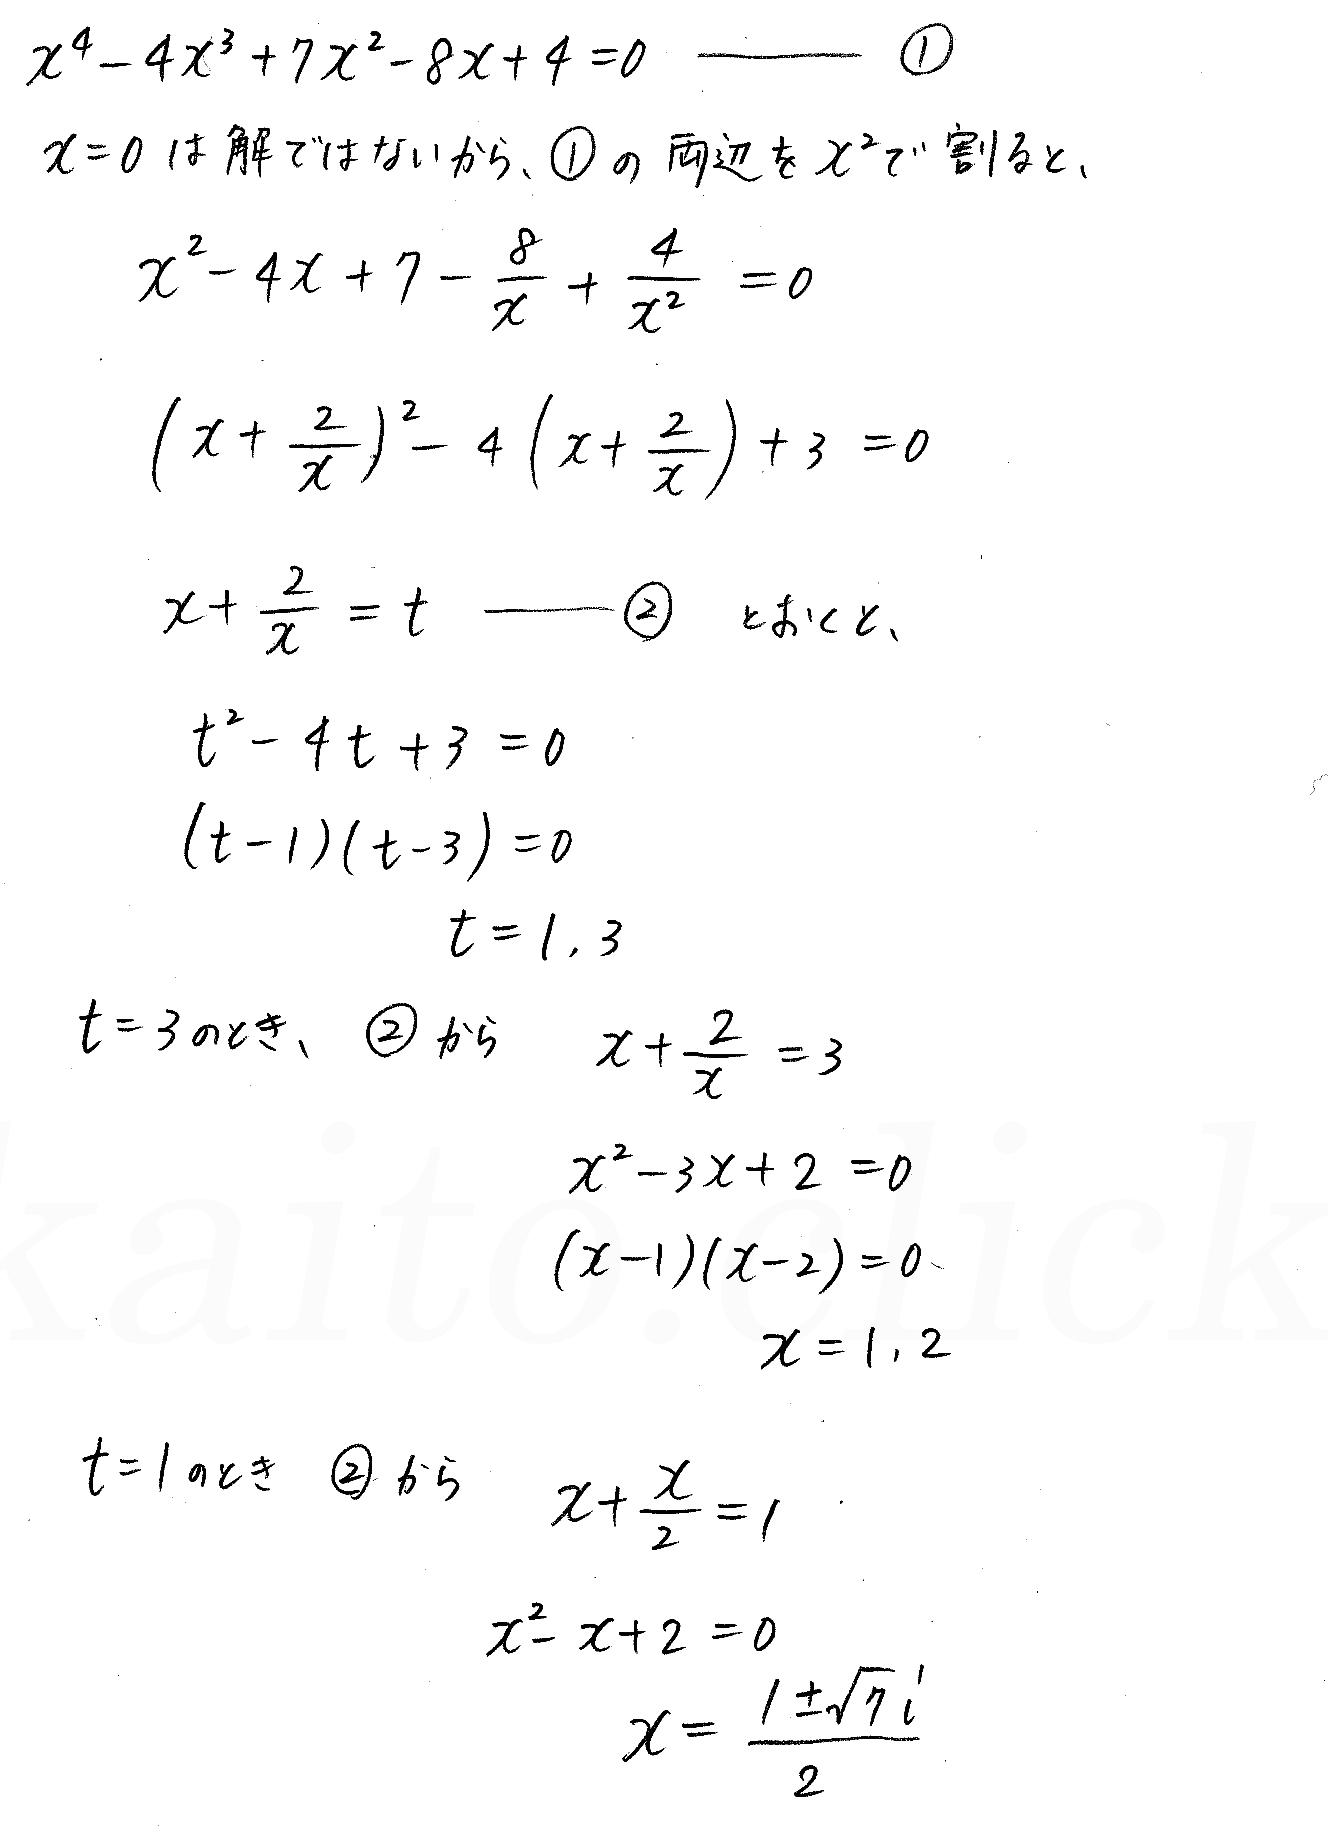 クリアー数学演習12AB受験編-3解答